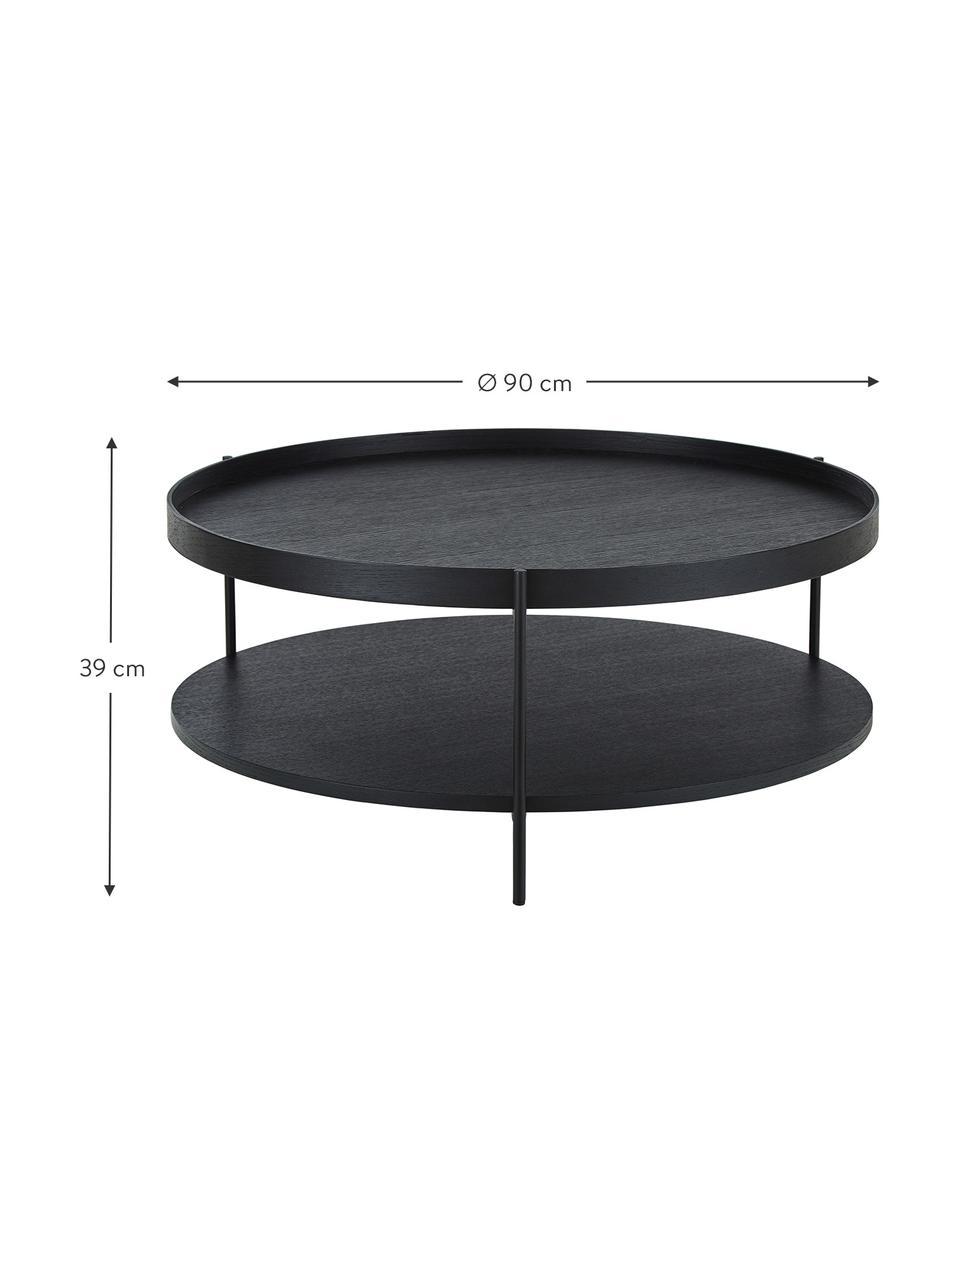 Tavolino da salotto con piano d'appoggio Renee, Ripiani: pannello di fibra a media, Struttura: metallo verniciato a polv, Ripiani: nero Struttura: nero opaco, Ø 90 x Alt. 39 cm